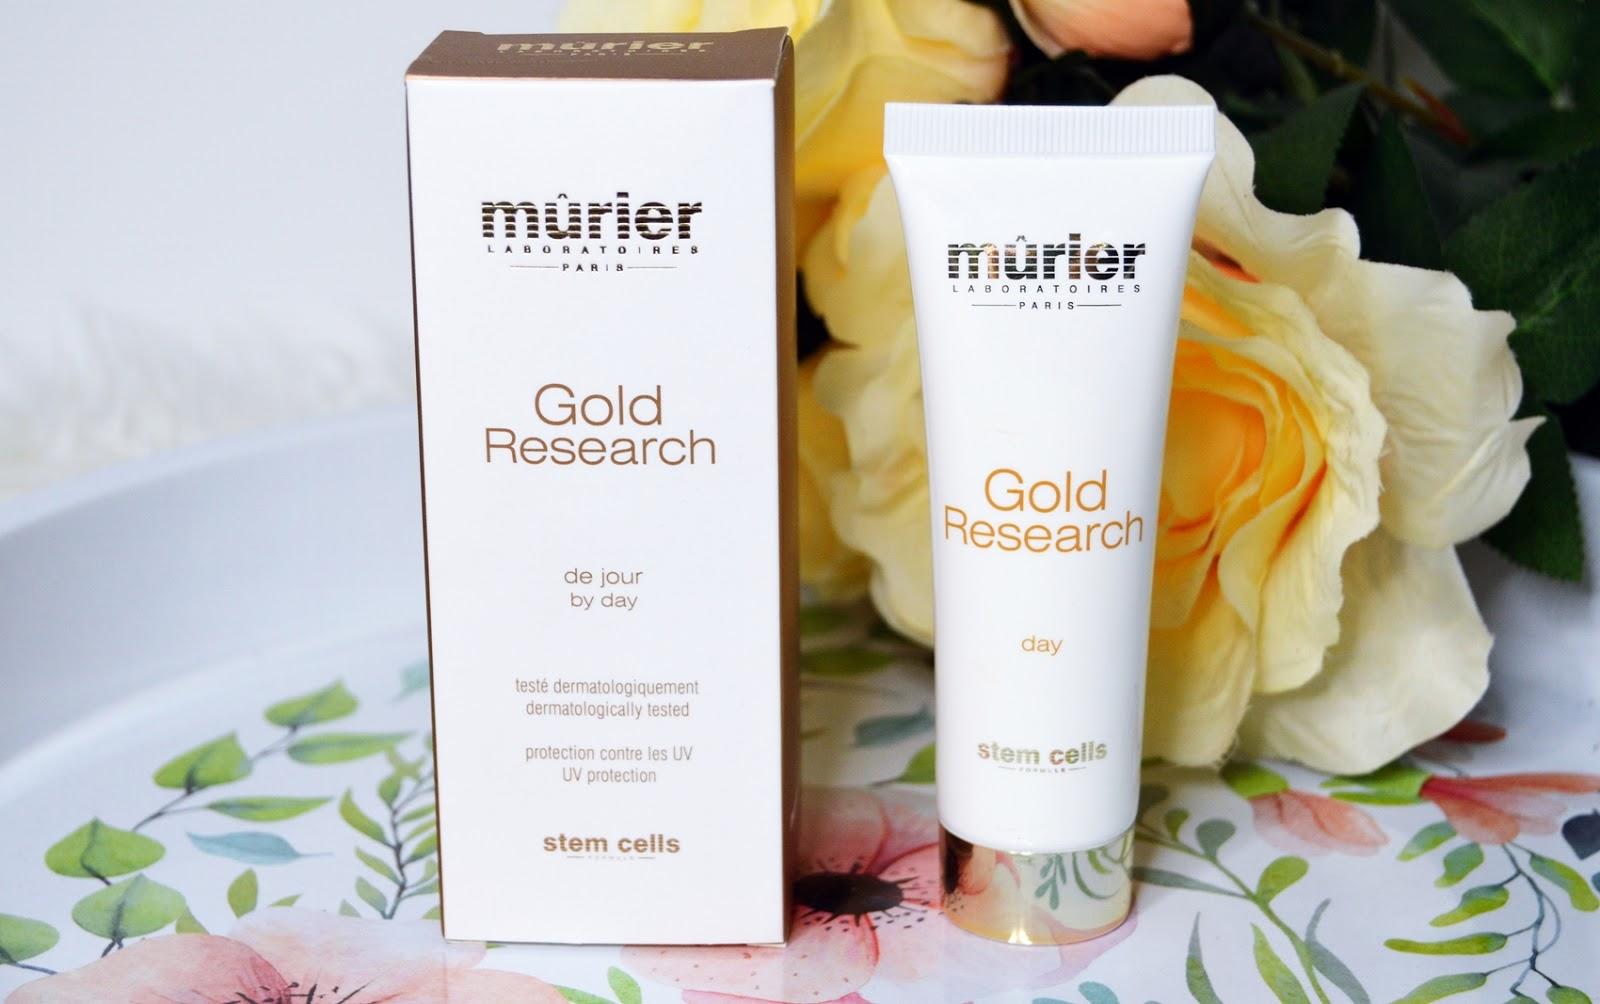 Gold Research by day – Murier – krem na dzień ze złotem koloidalnym